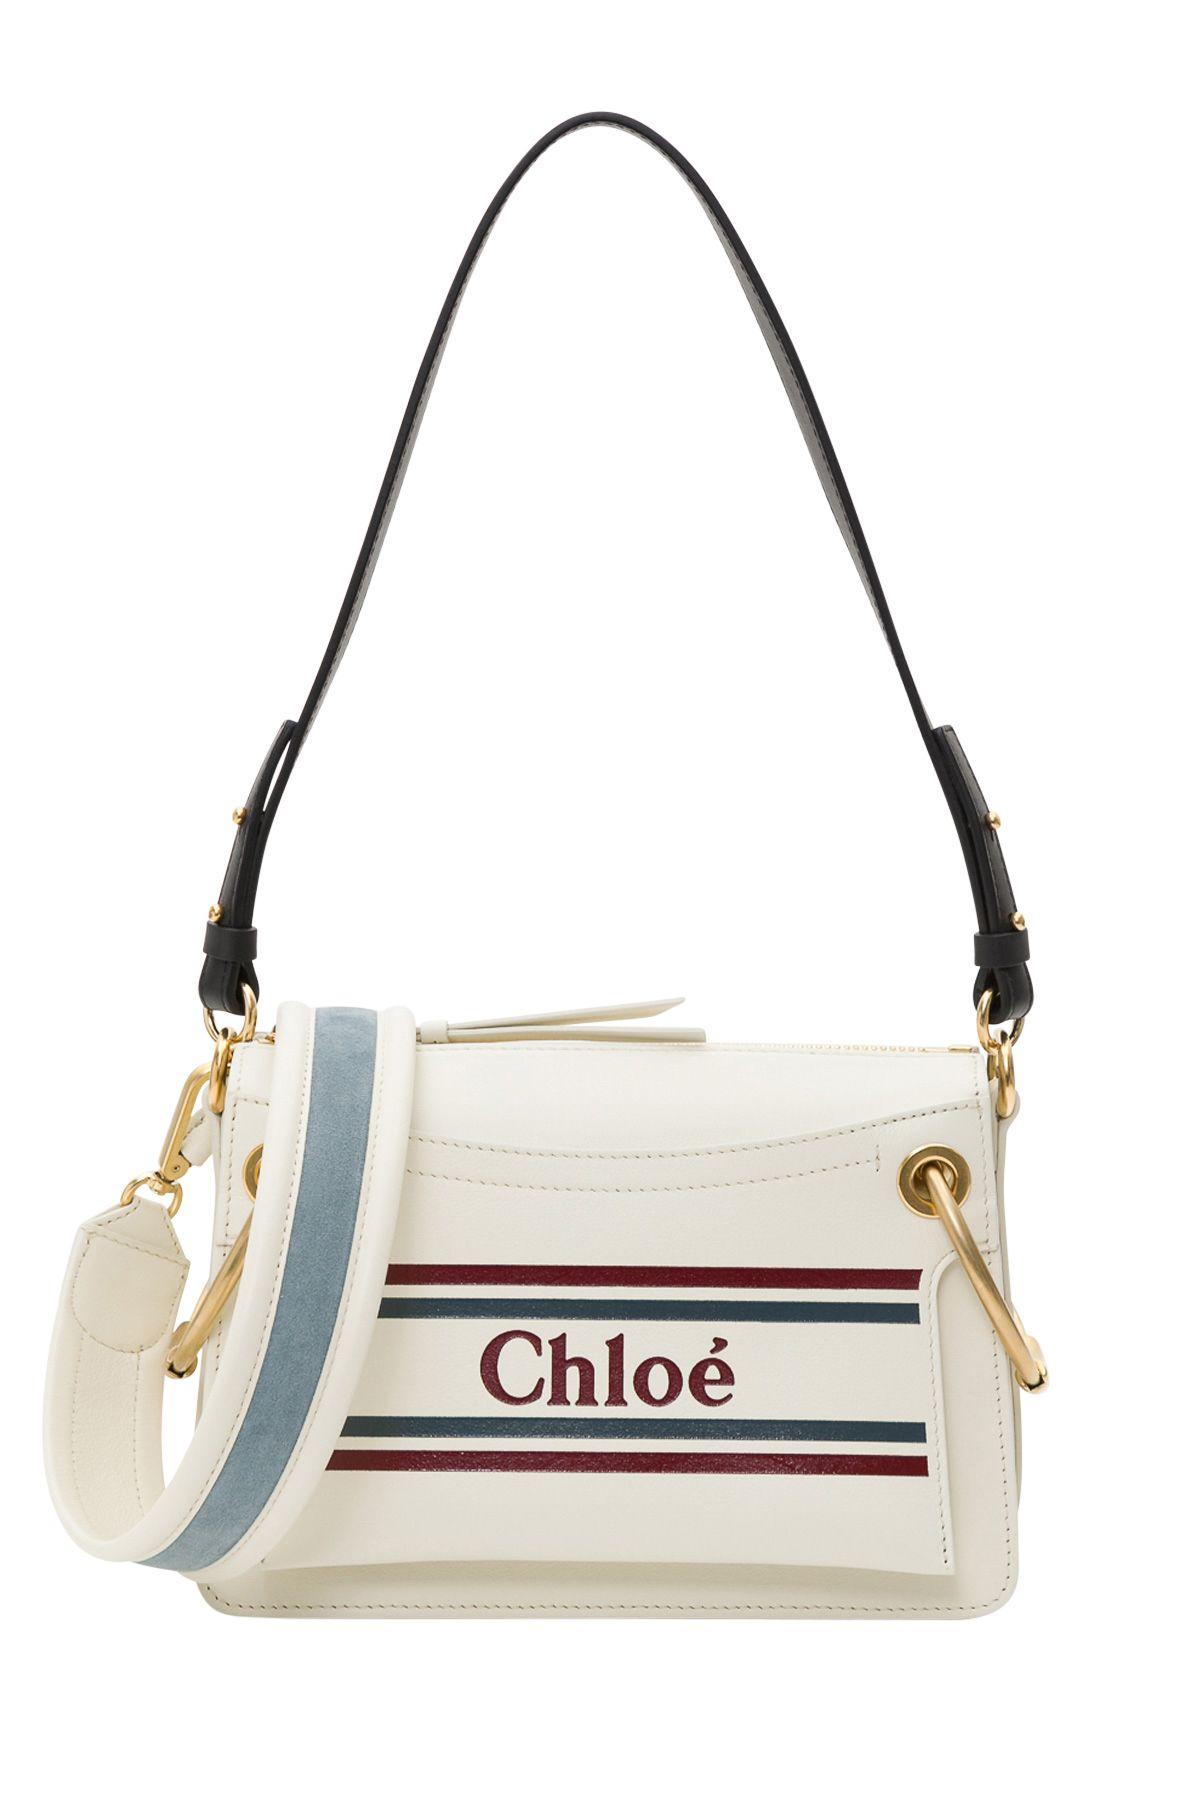 b1829e9b76 Chloé Chloé Small Roy Bag - Bianco - 10857781 | italist